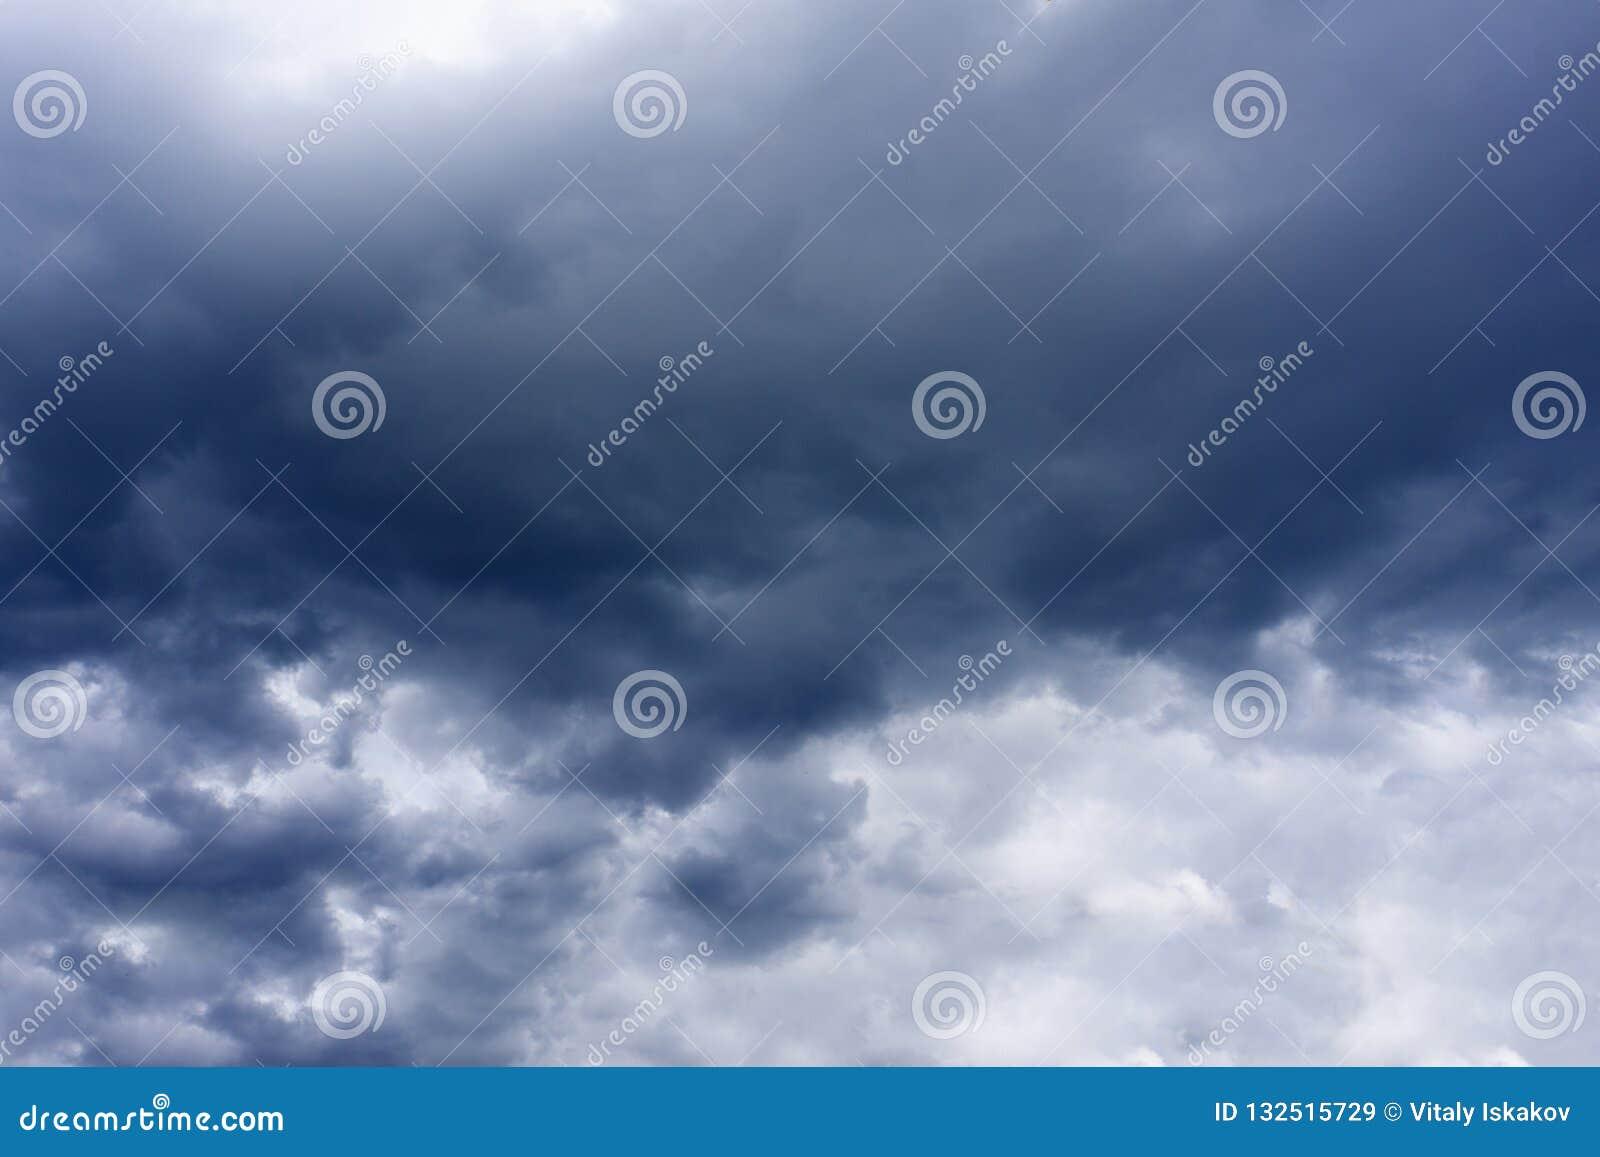 σκοτεινά σύννεφα θύελλας με το υπόβαθρο, σκοτεινά σύννεφα πριν από thunder-storm